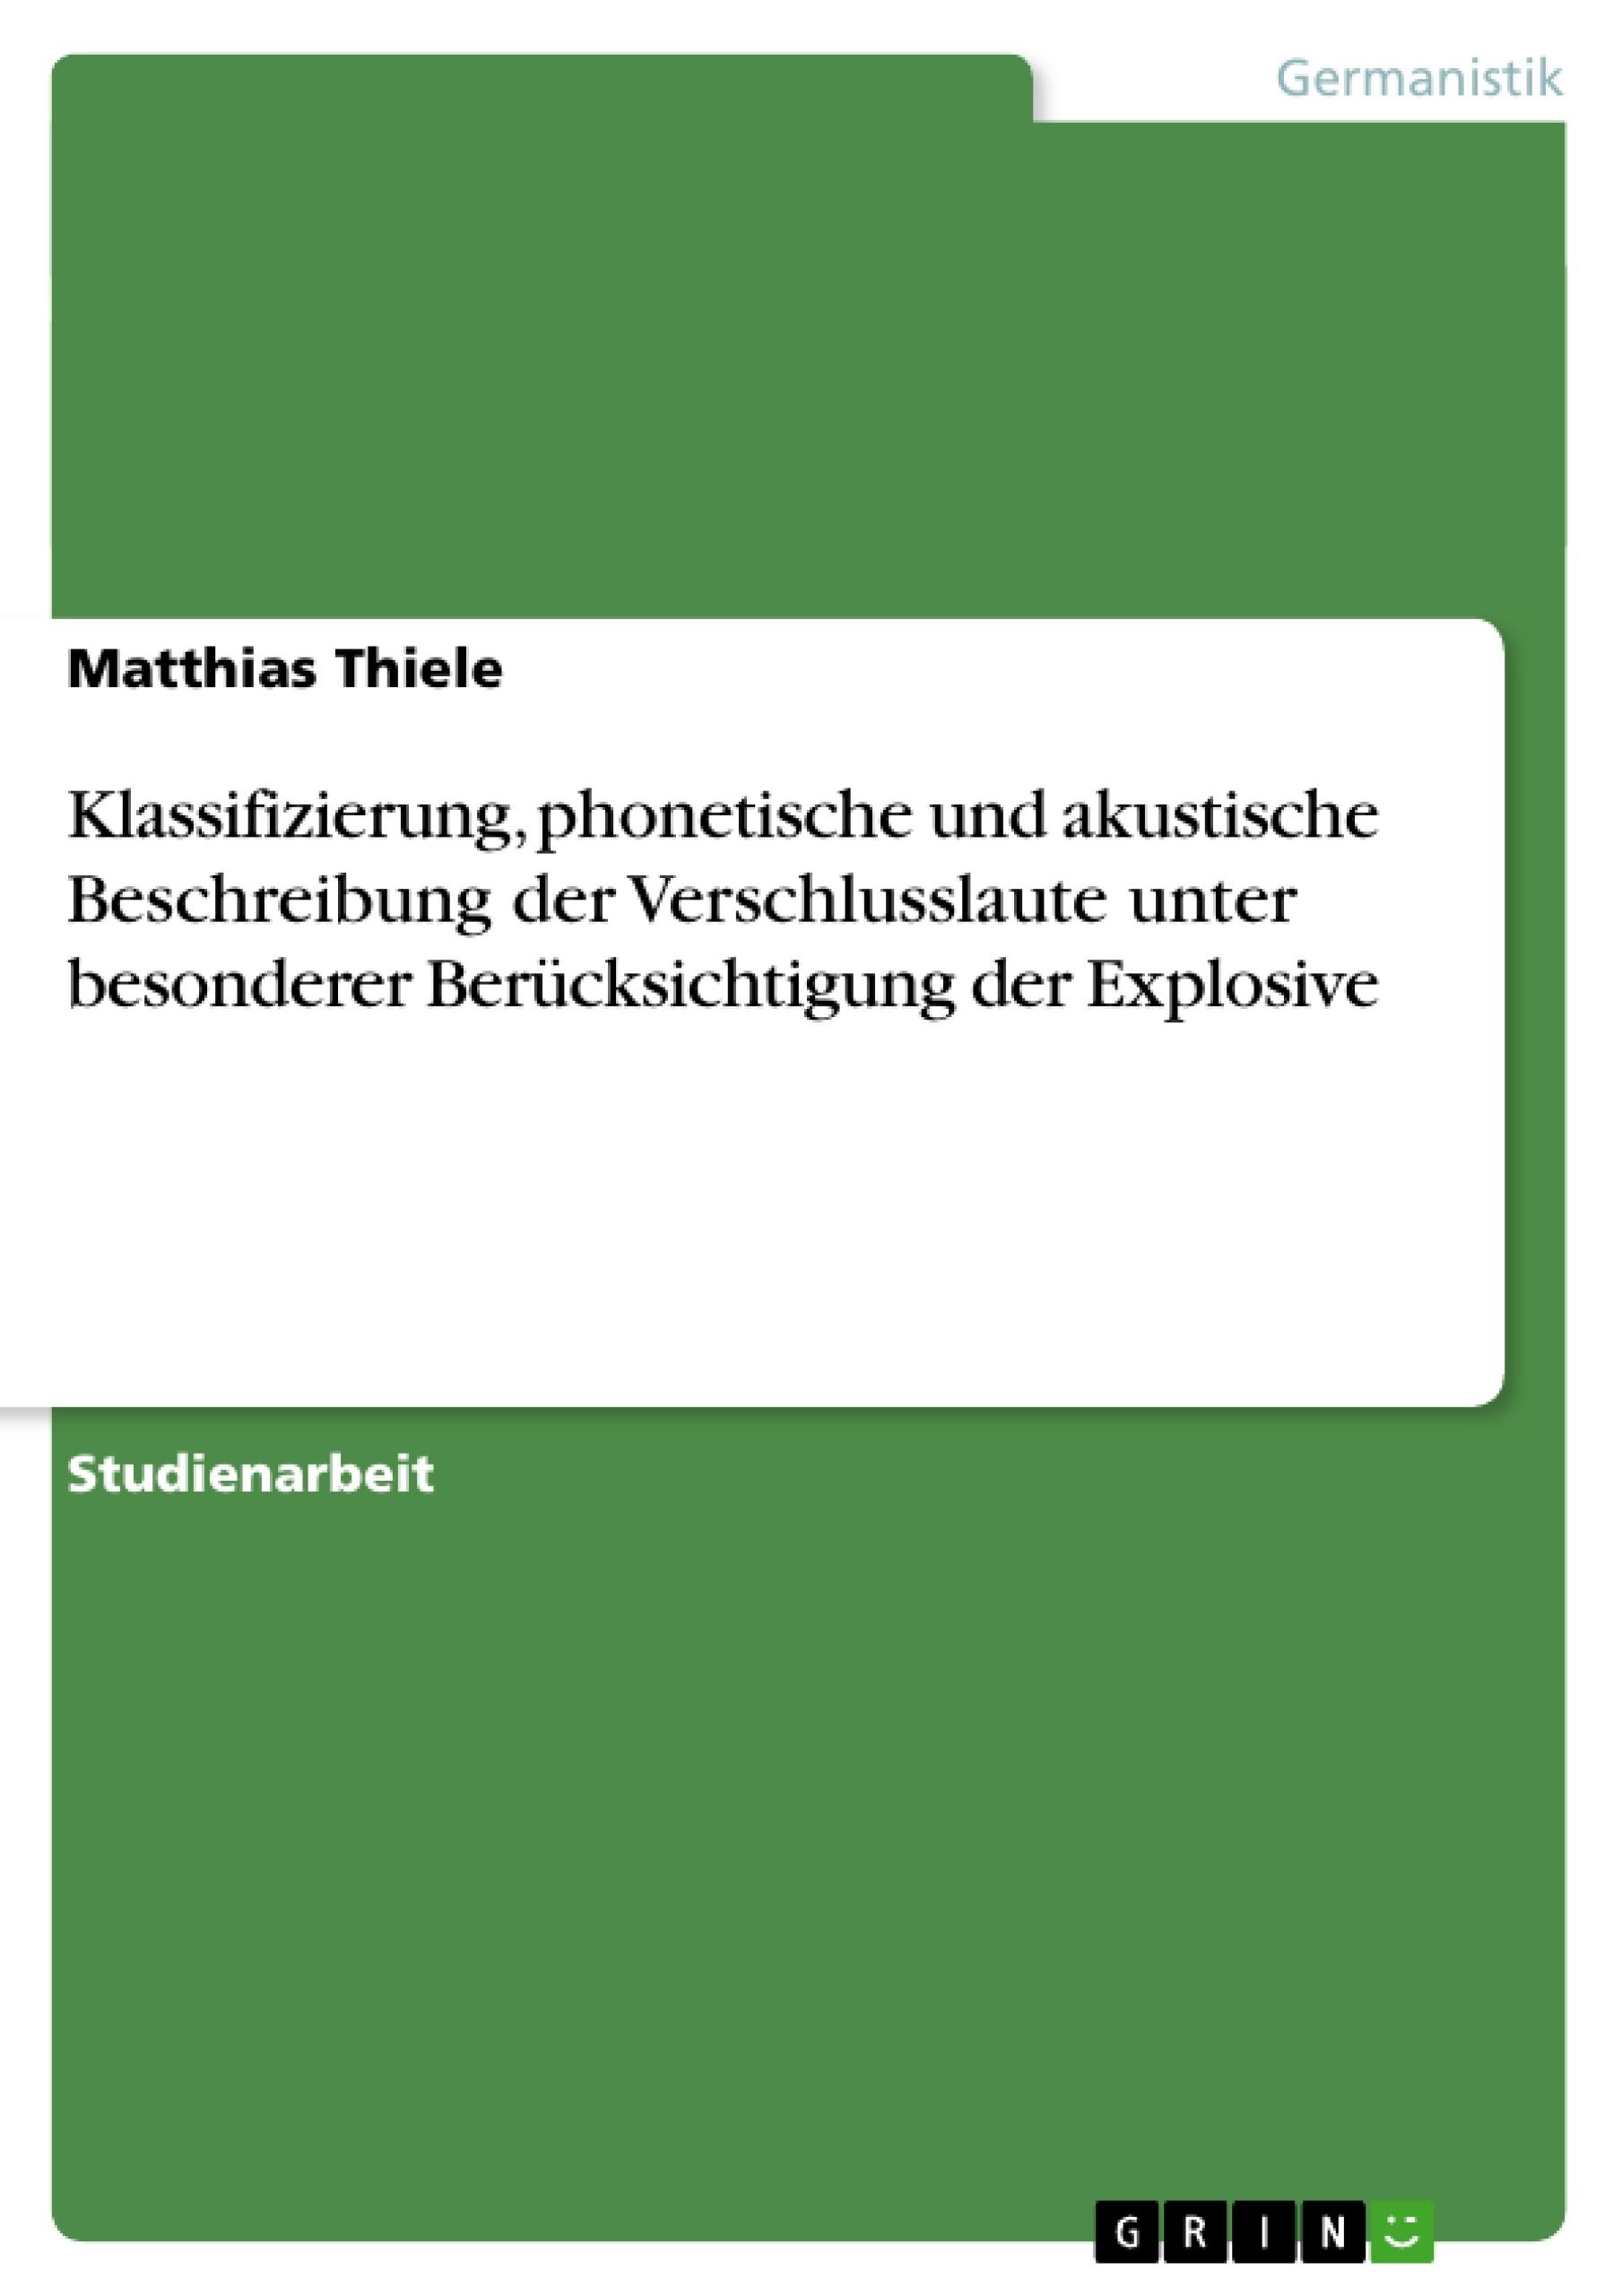 Titel: Klassifizierung, phonetische und akustische Beschreibung der Verschlusslaute unter besonderer Berücksichtigung der Explosive